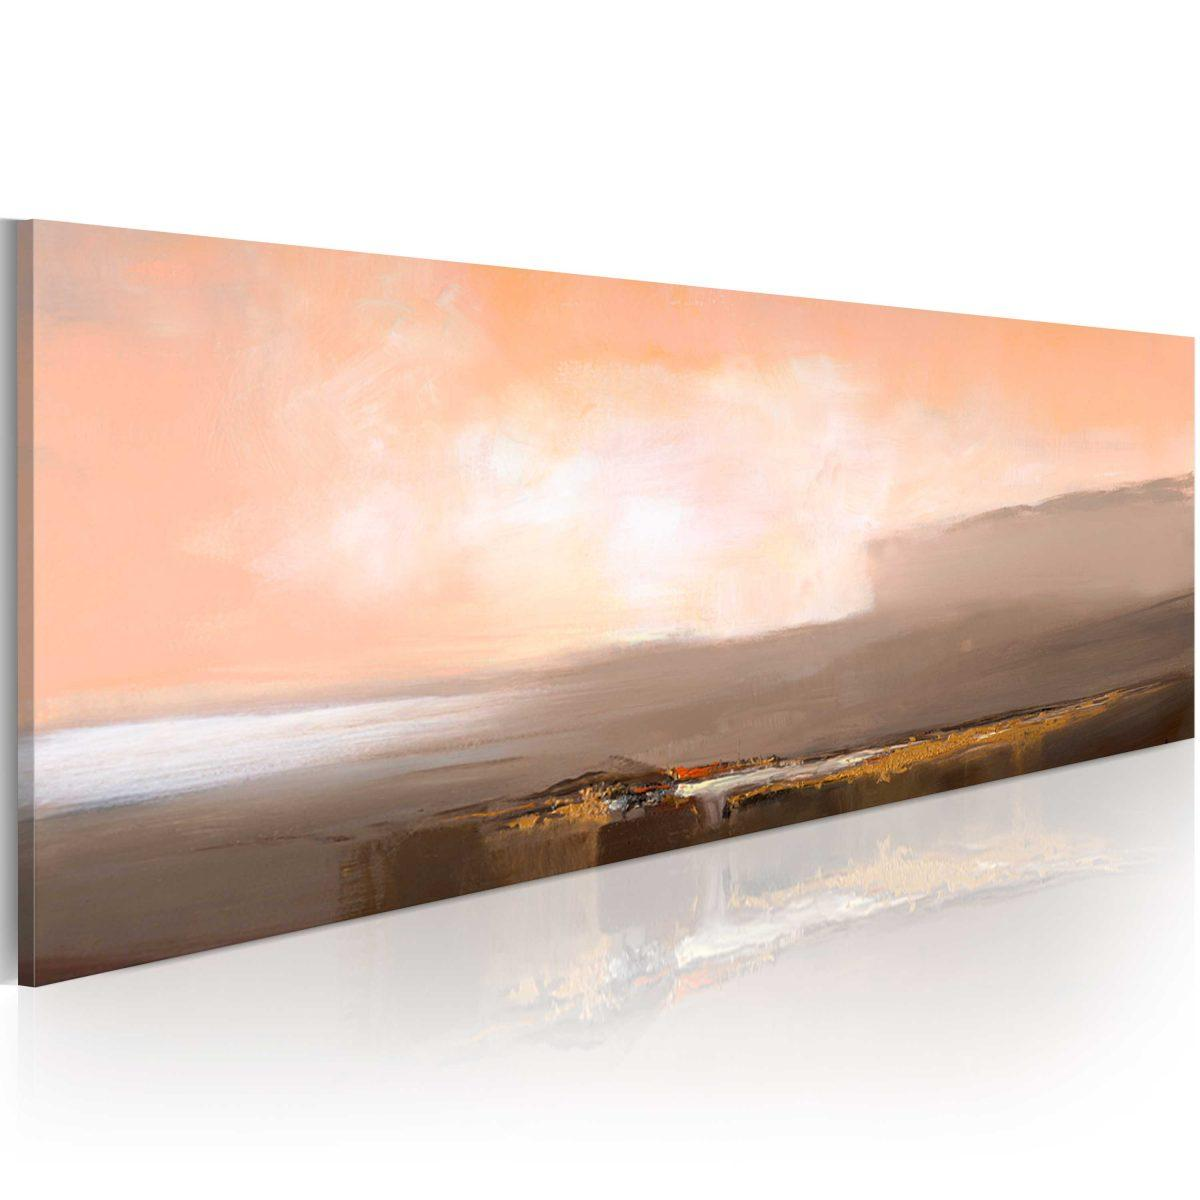 Handmålad tavla - Mellan rosa och grått